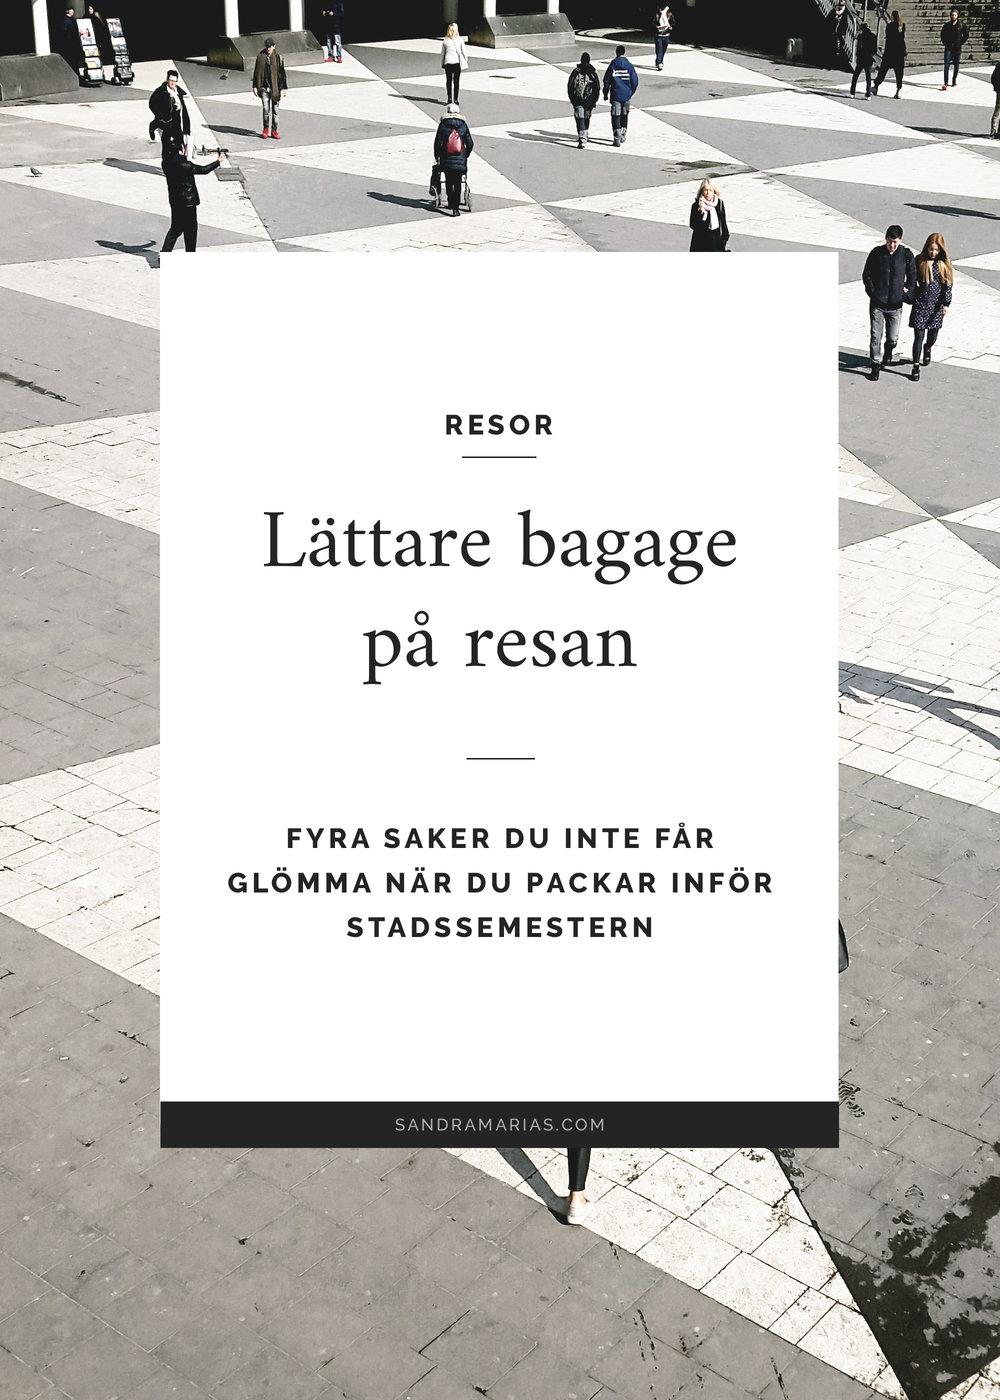 Res med lättare bagage | Tips för att inte överpacka | Sandramarias.com